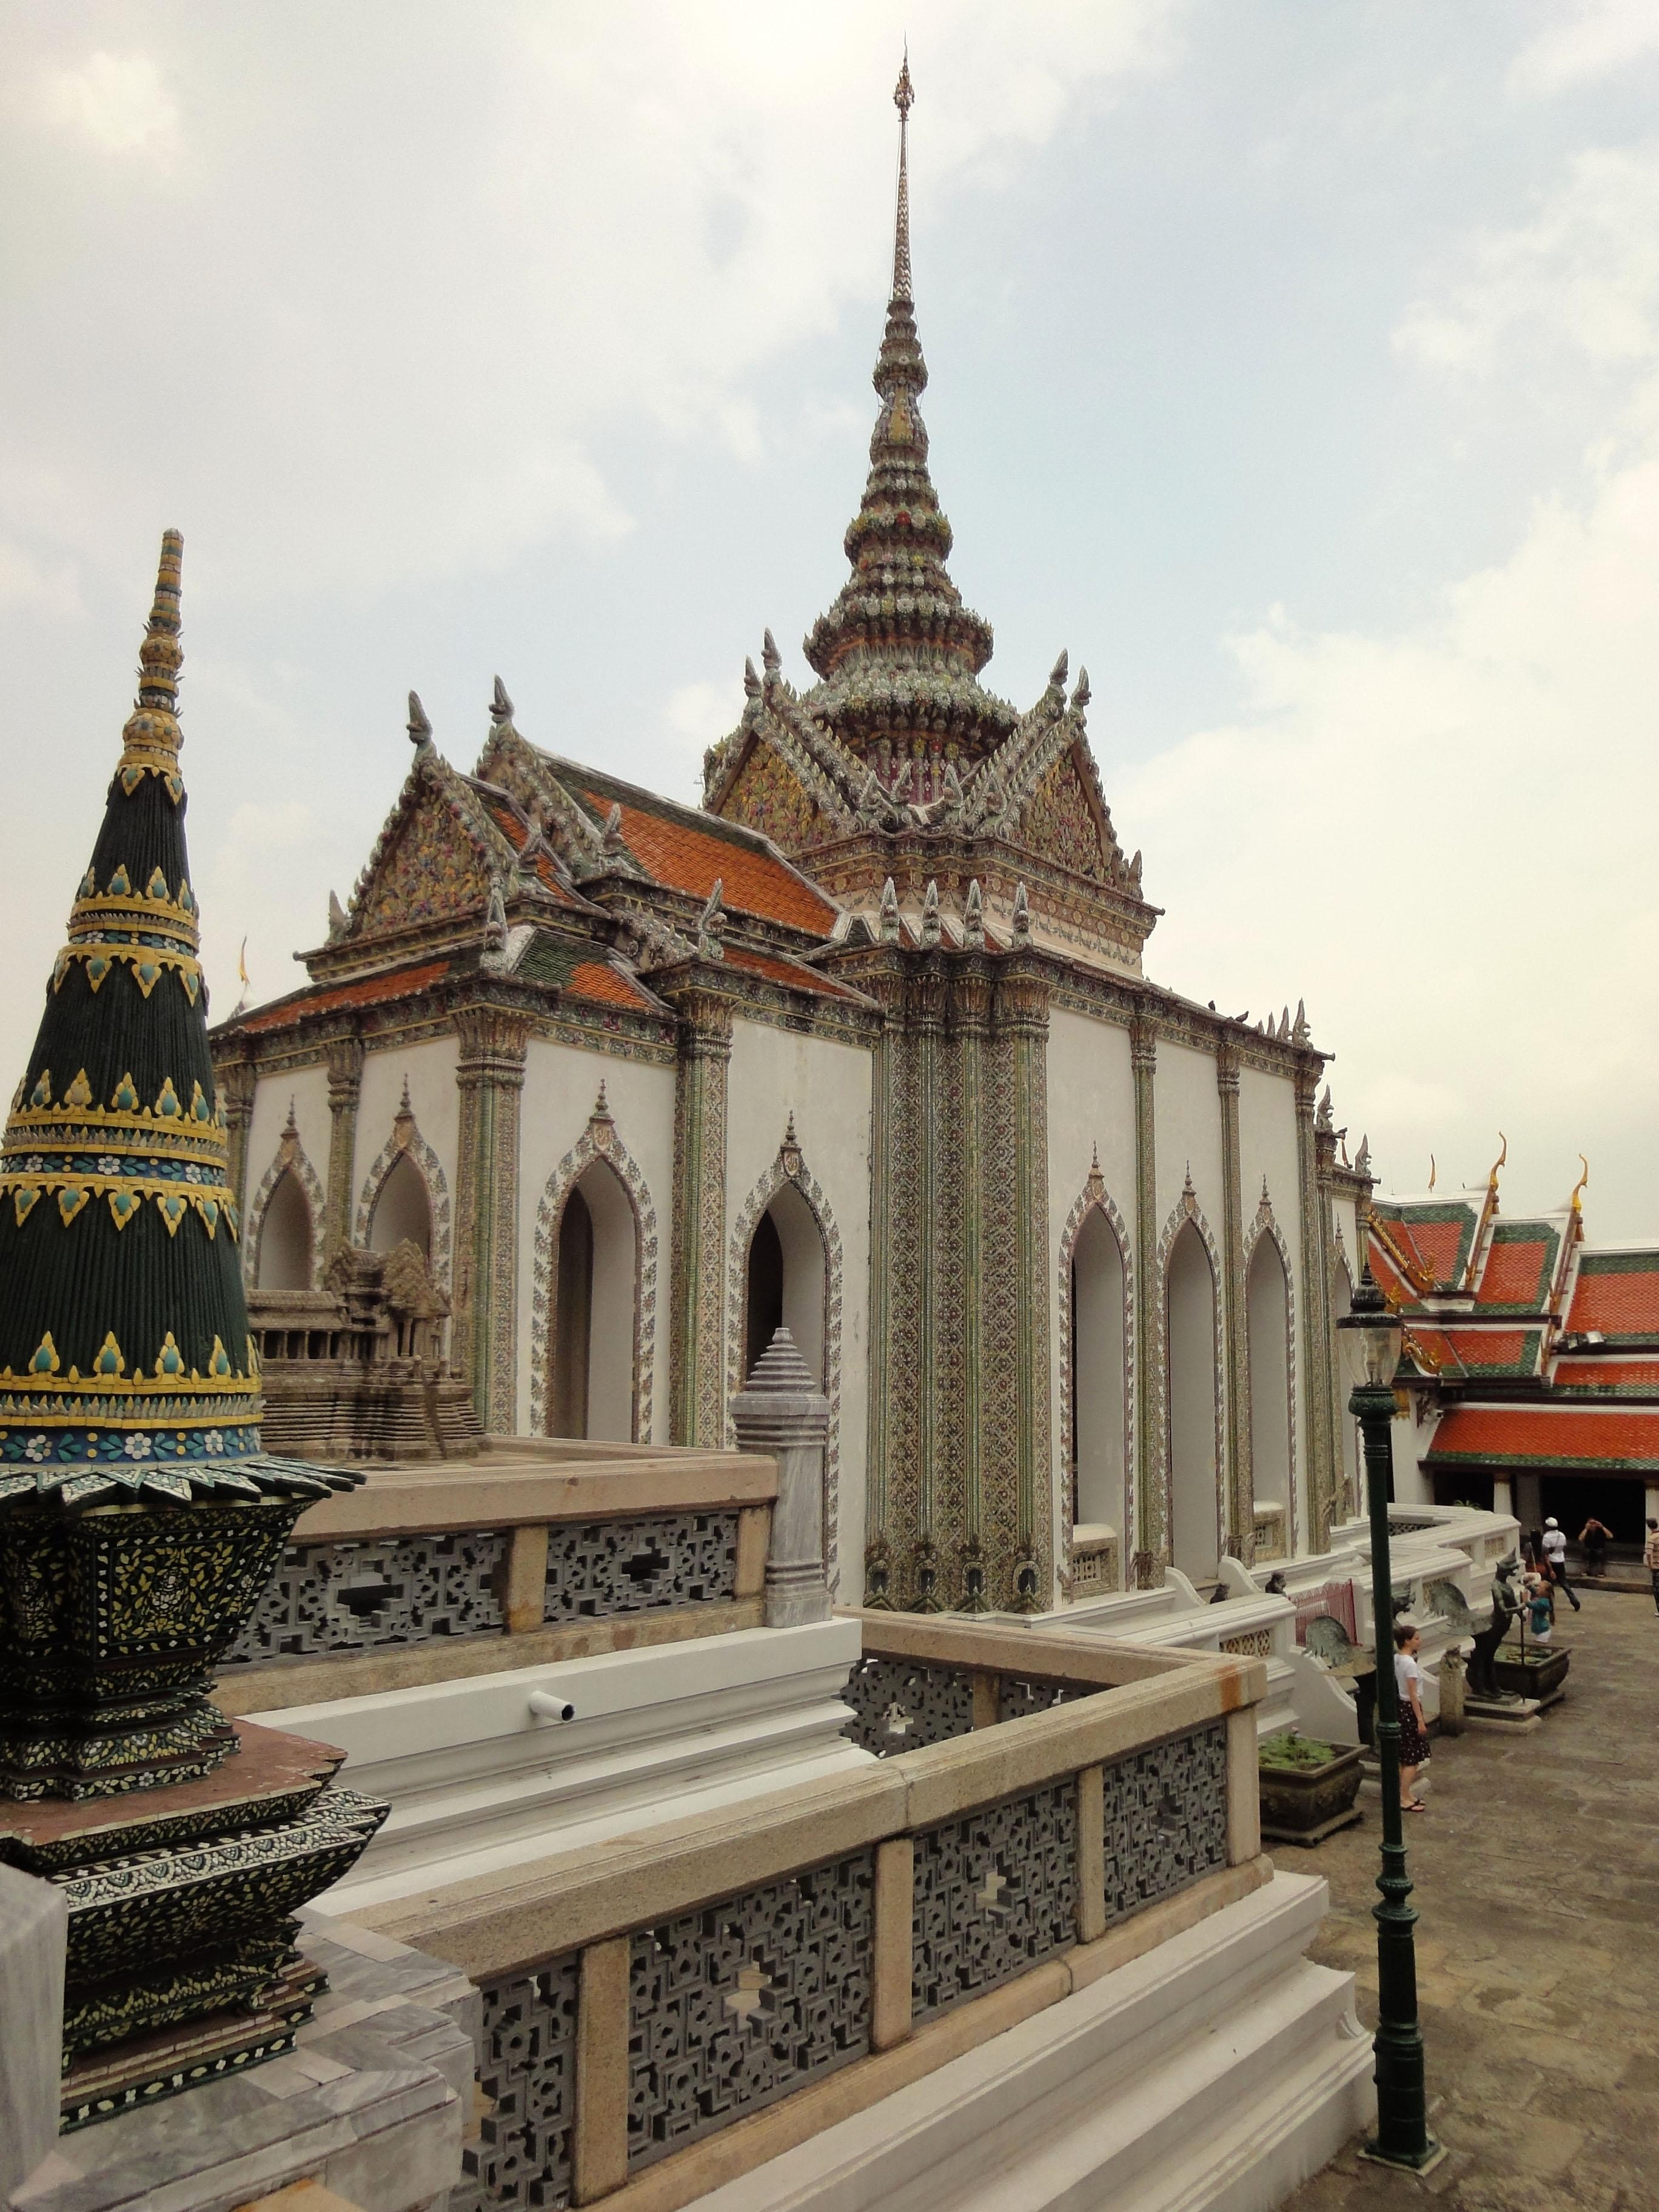 Grand Palace Phra Borom Maha Ratcha Wang Bangkok Thailand 11